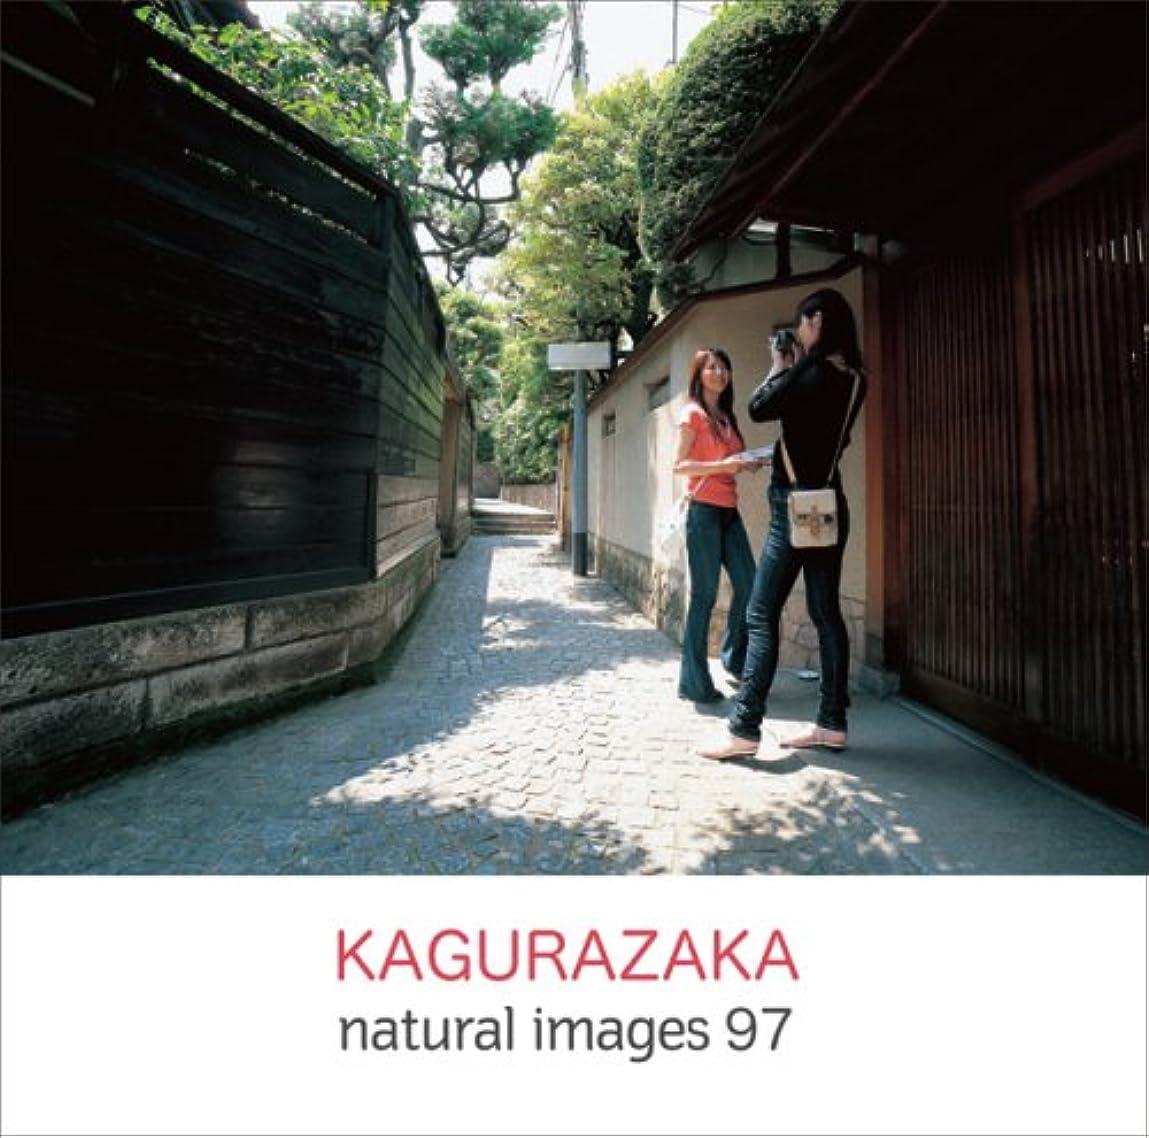 セッション灌漑厚くするnatural images Vol.97 Kagurazaka